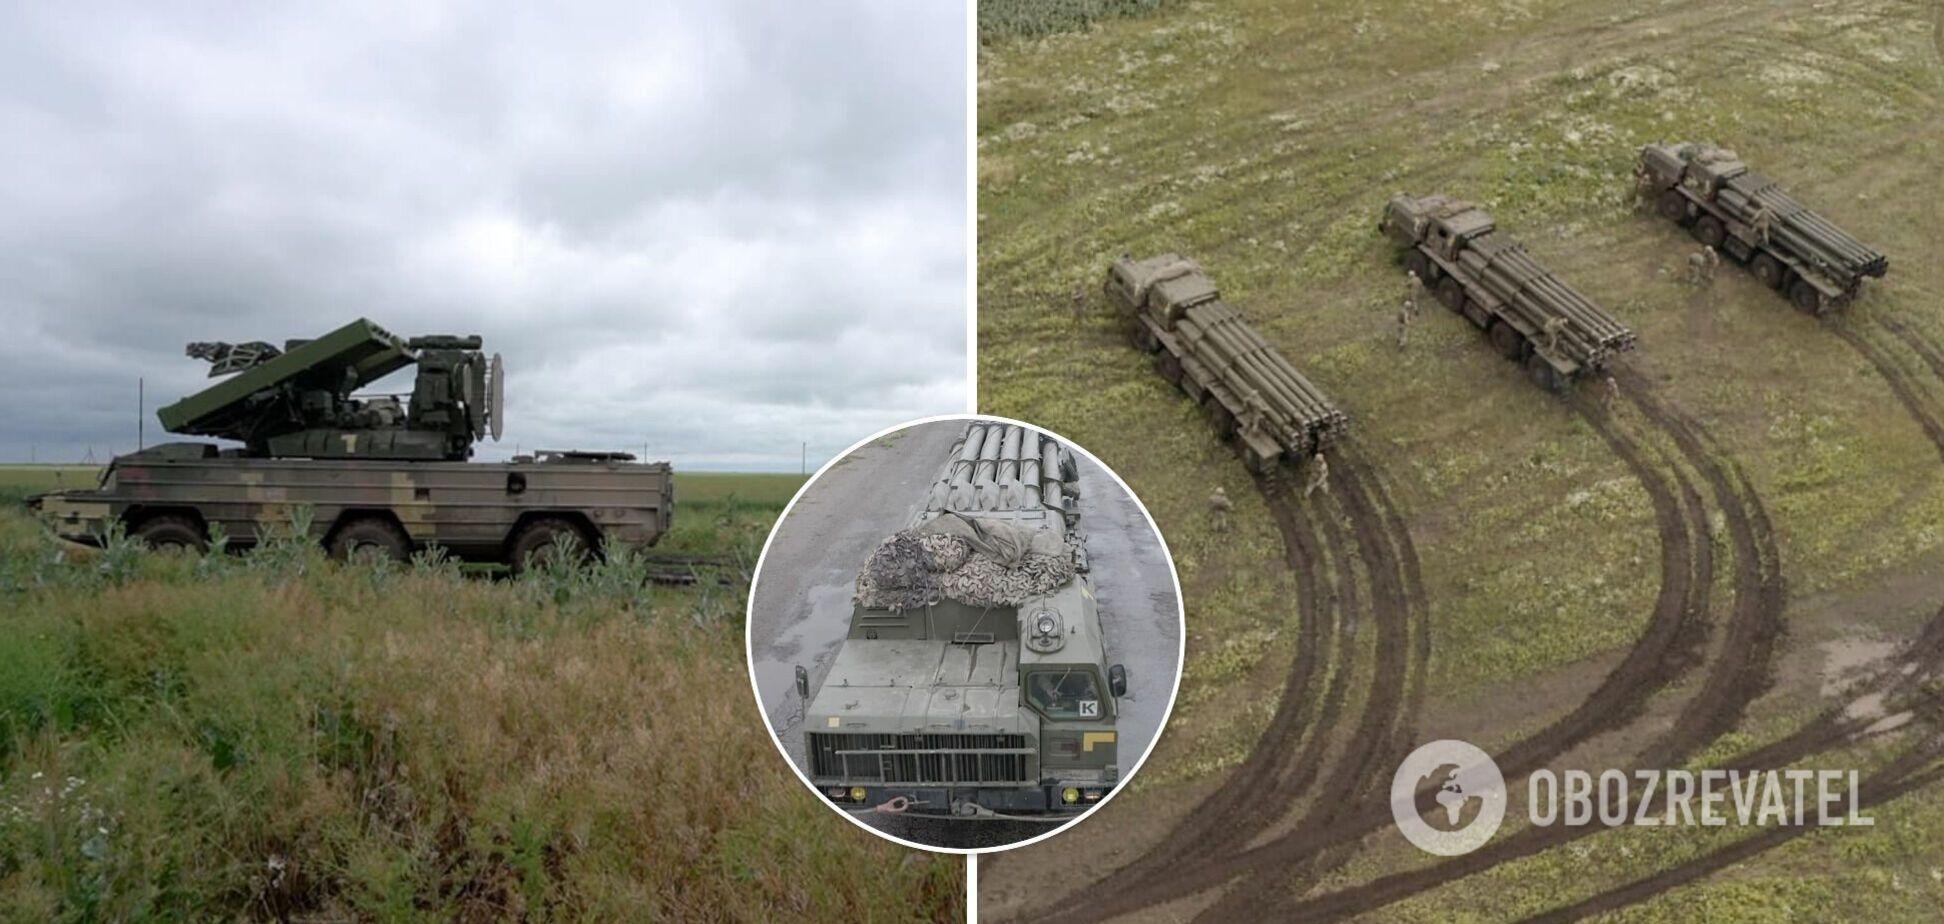 ВСУ 'Смерчами' отбили 'атаку противника' во время учений возле Крыма. Фото и видео